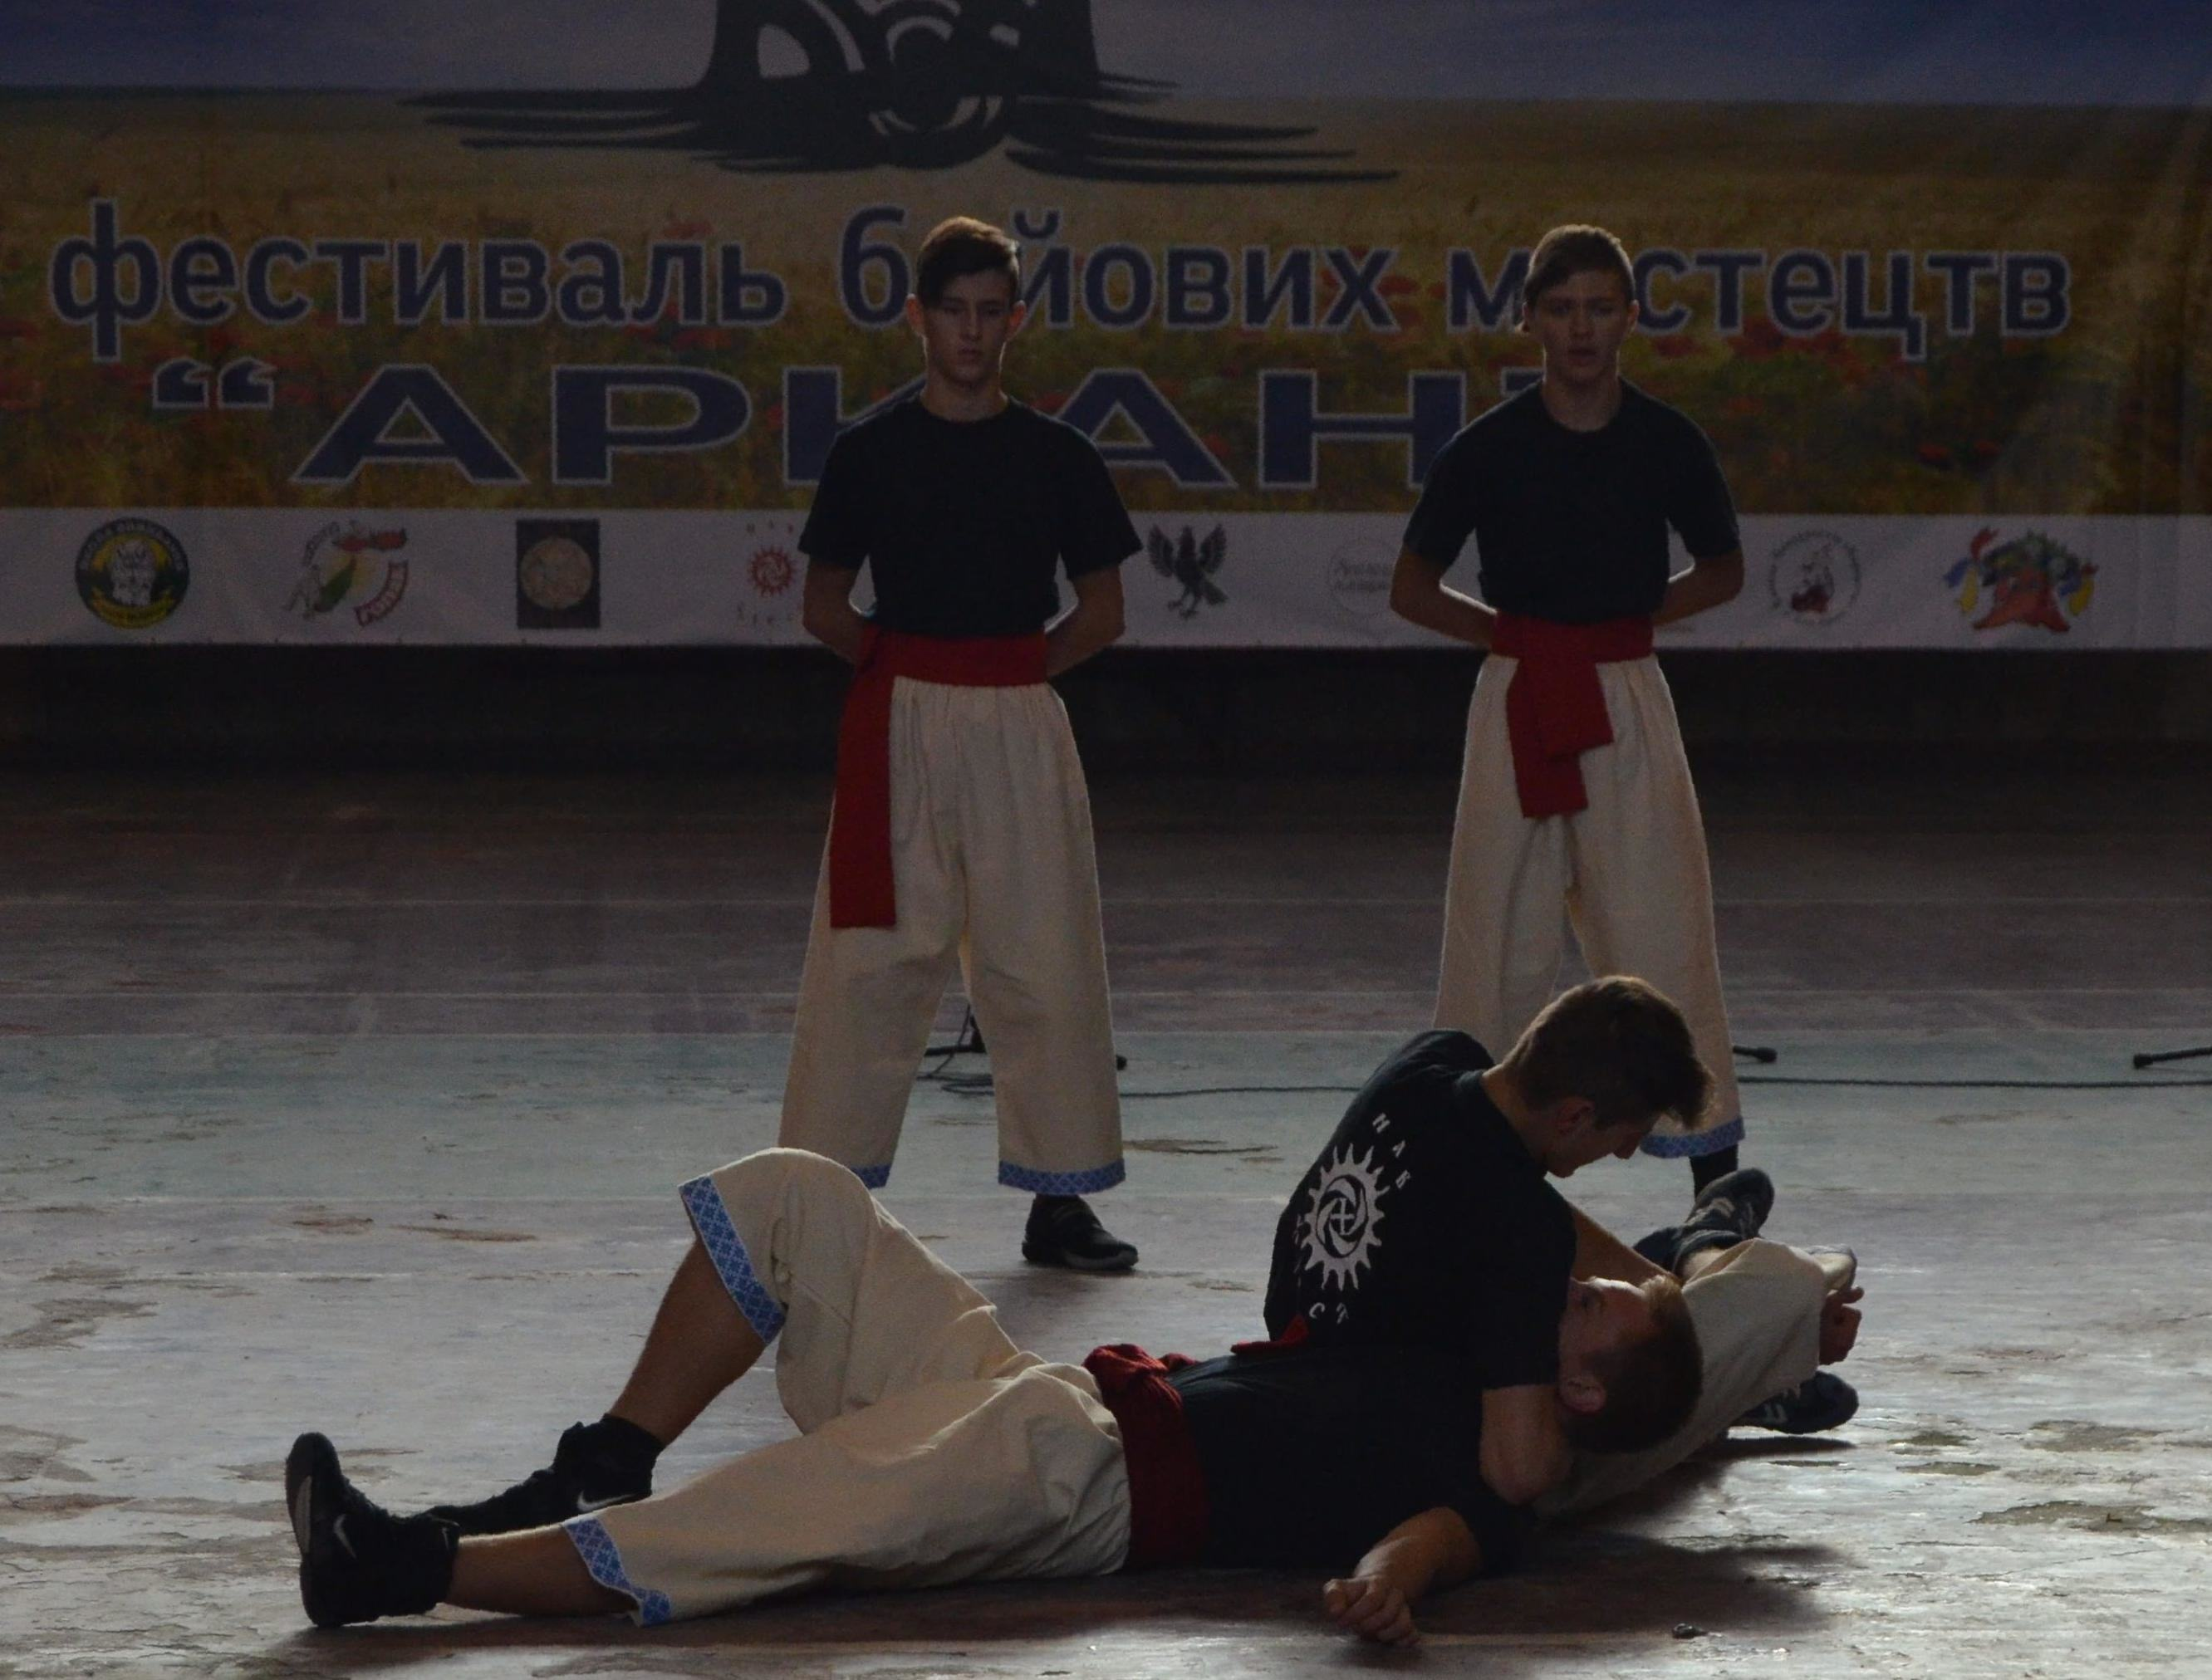 *** Хмельницька федерація Бойового Гопака - боротьба Навхрест - фестиваль бойових мистецтв Аркан - Львів 2017 ***